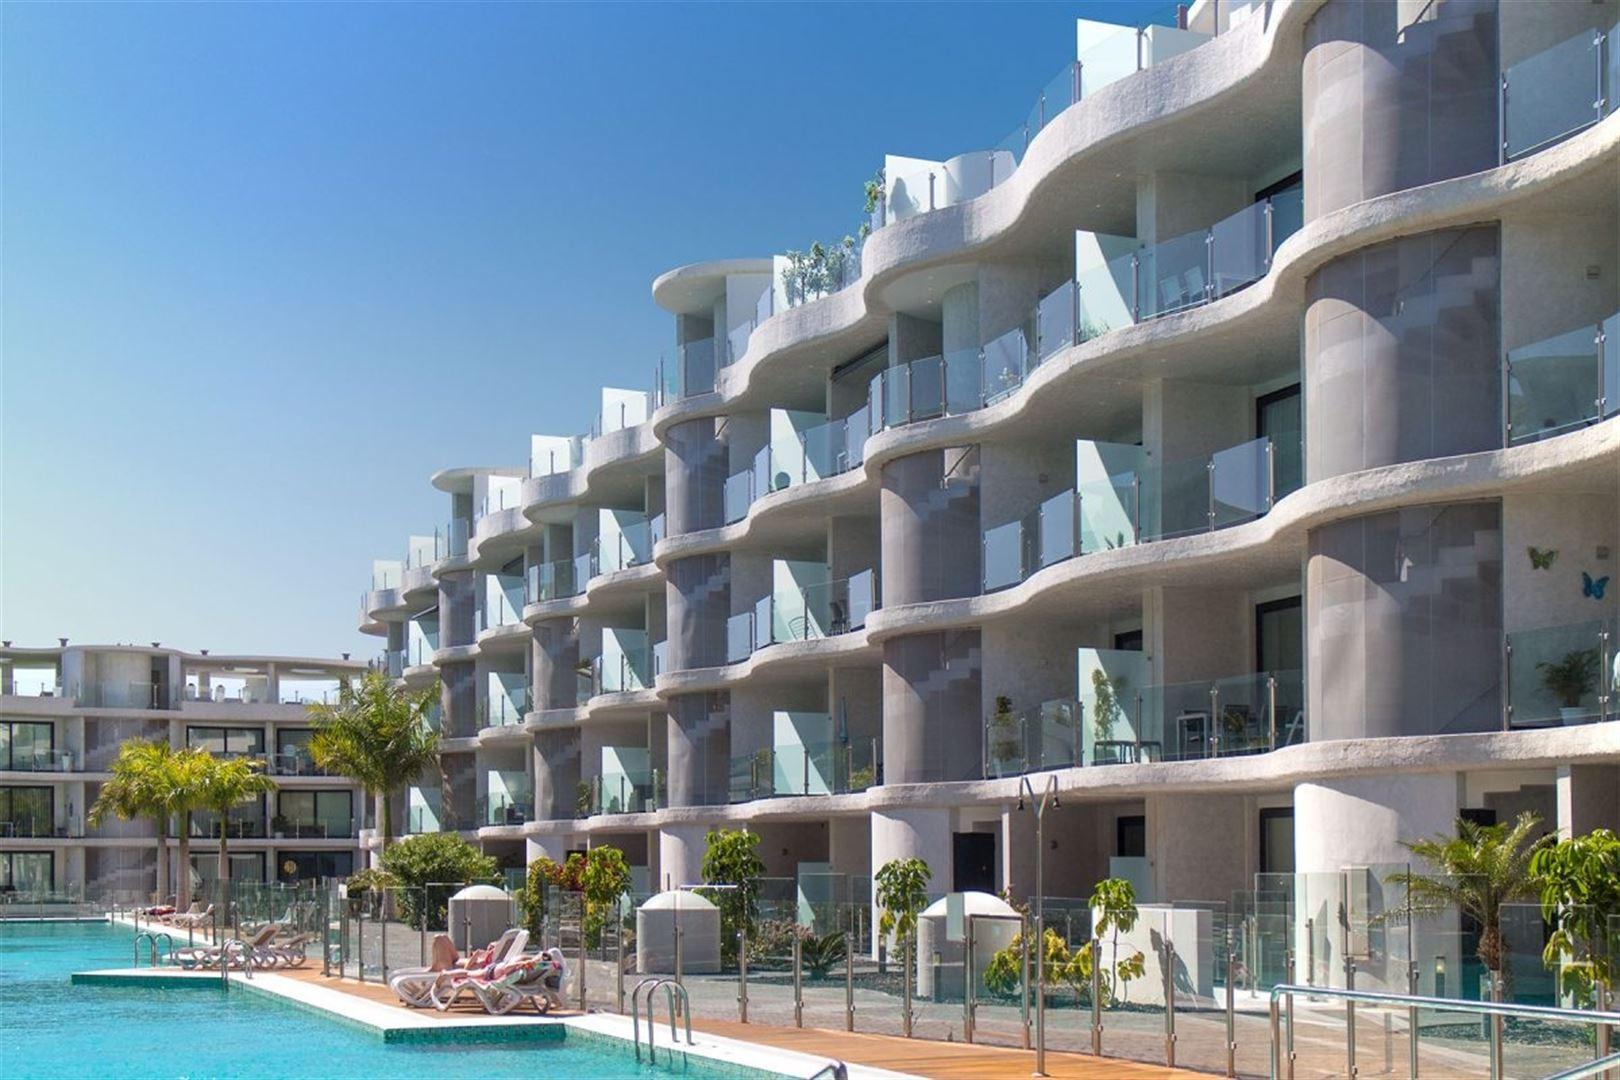 Foto 1 : Appartement te 38632 PALM MAR (Spanje) - Prijs € 325.000